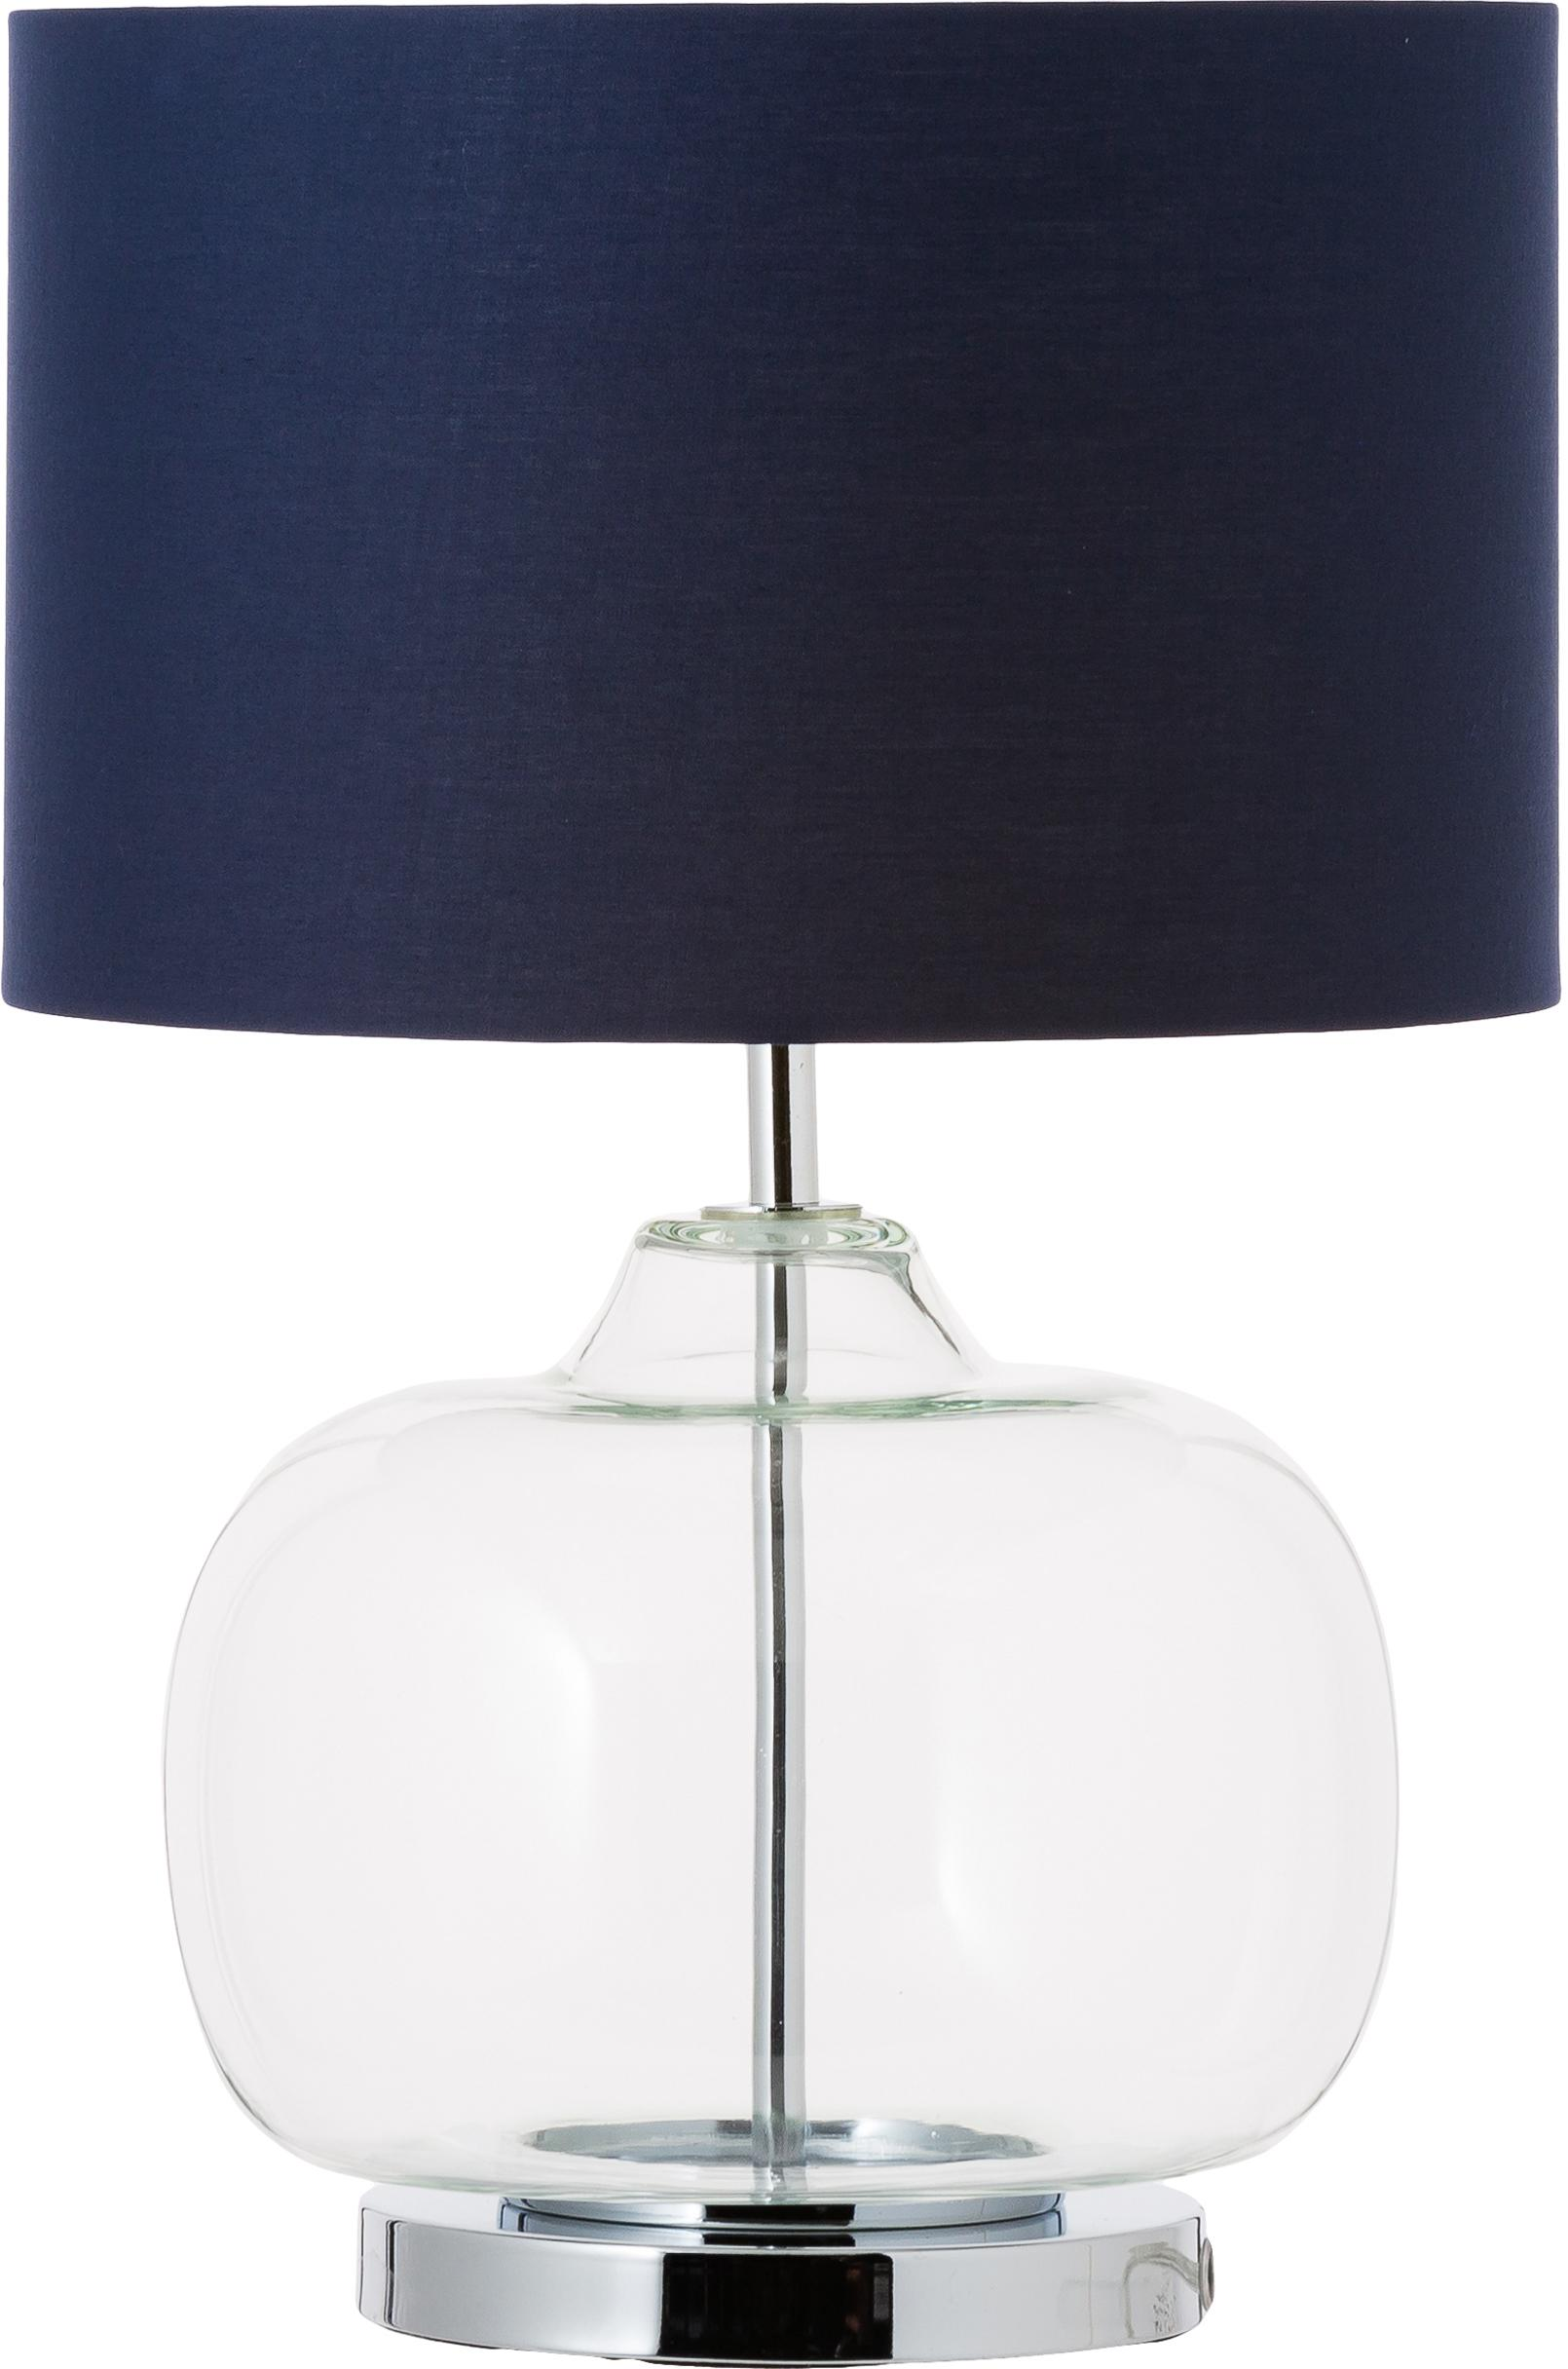 Lampada da tavolo in vetro e cotone Amelia, Base della lampada: vetro, Paralume: cotone, Blu scuro, Ø 28 x Alt. 41 cm